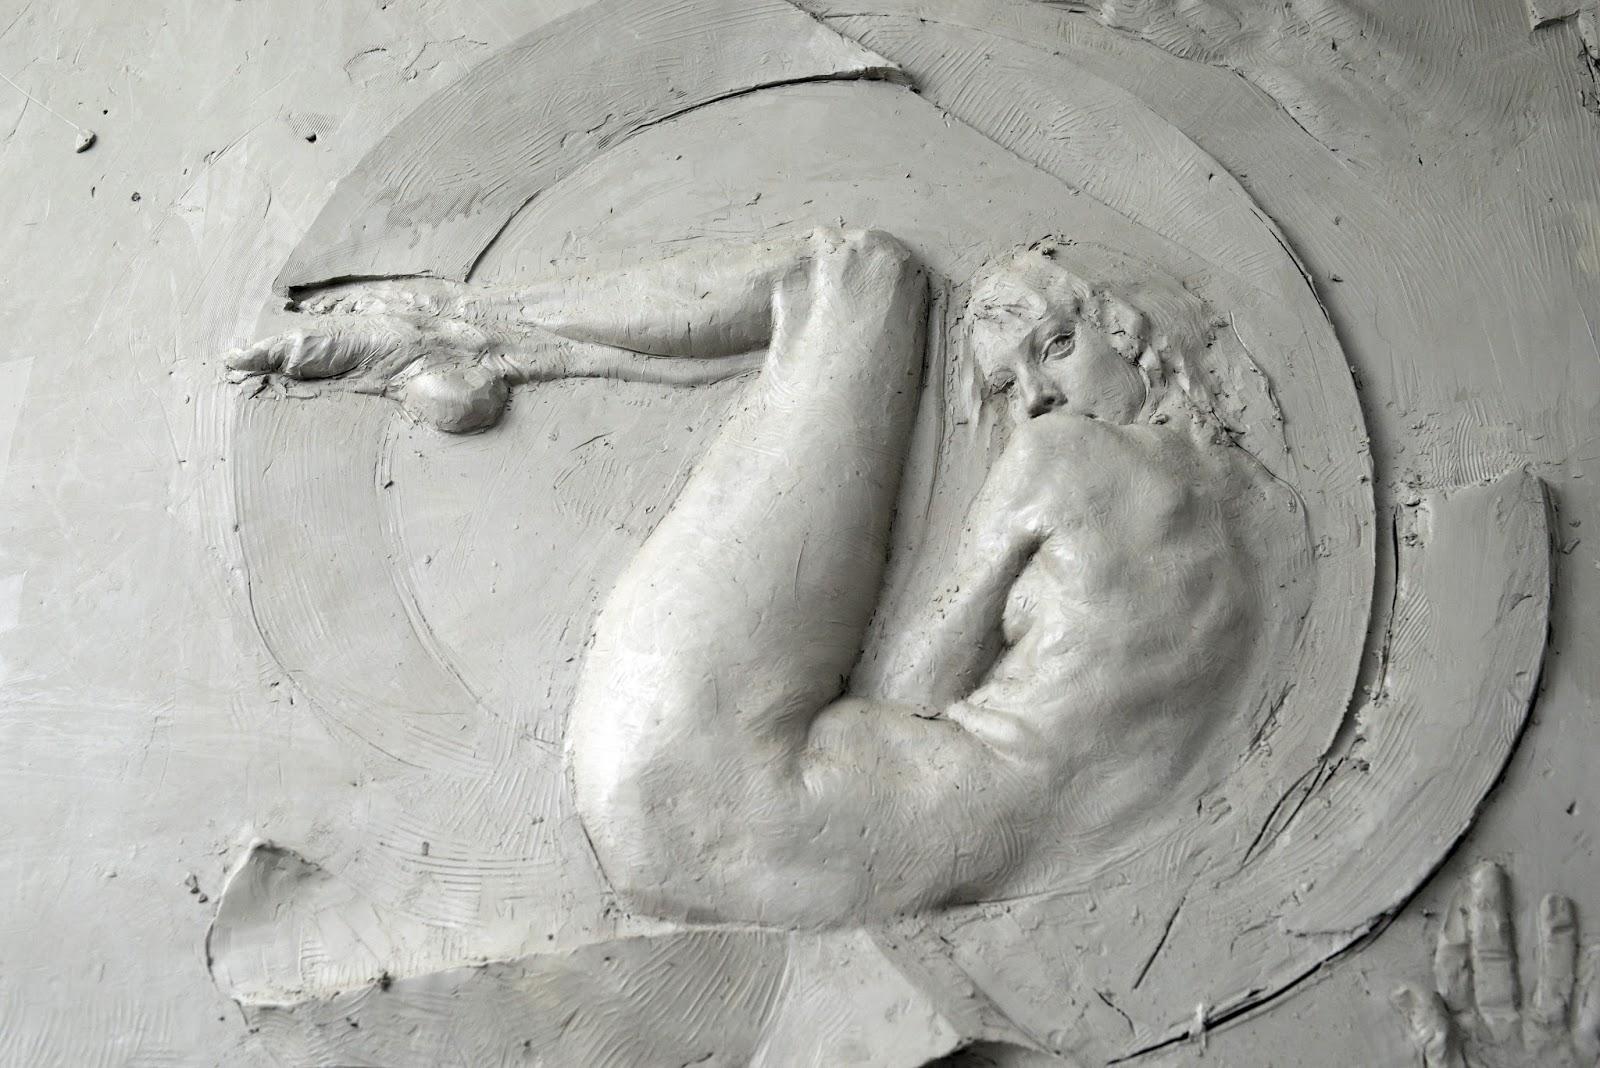 Еретик Марко Иццолино. Мощная скульптура Гжегожа Гвязды